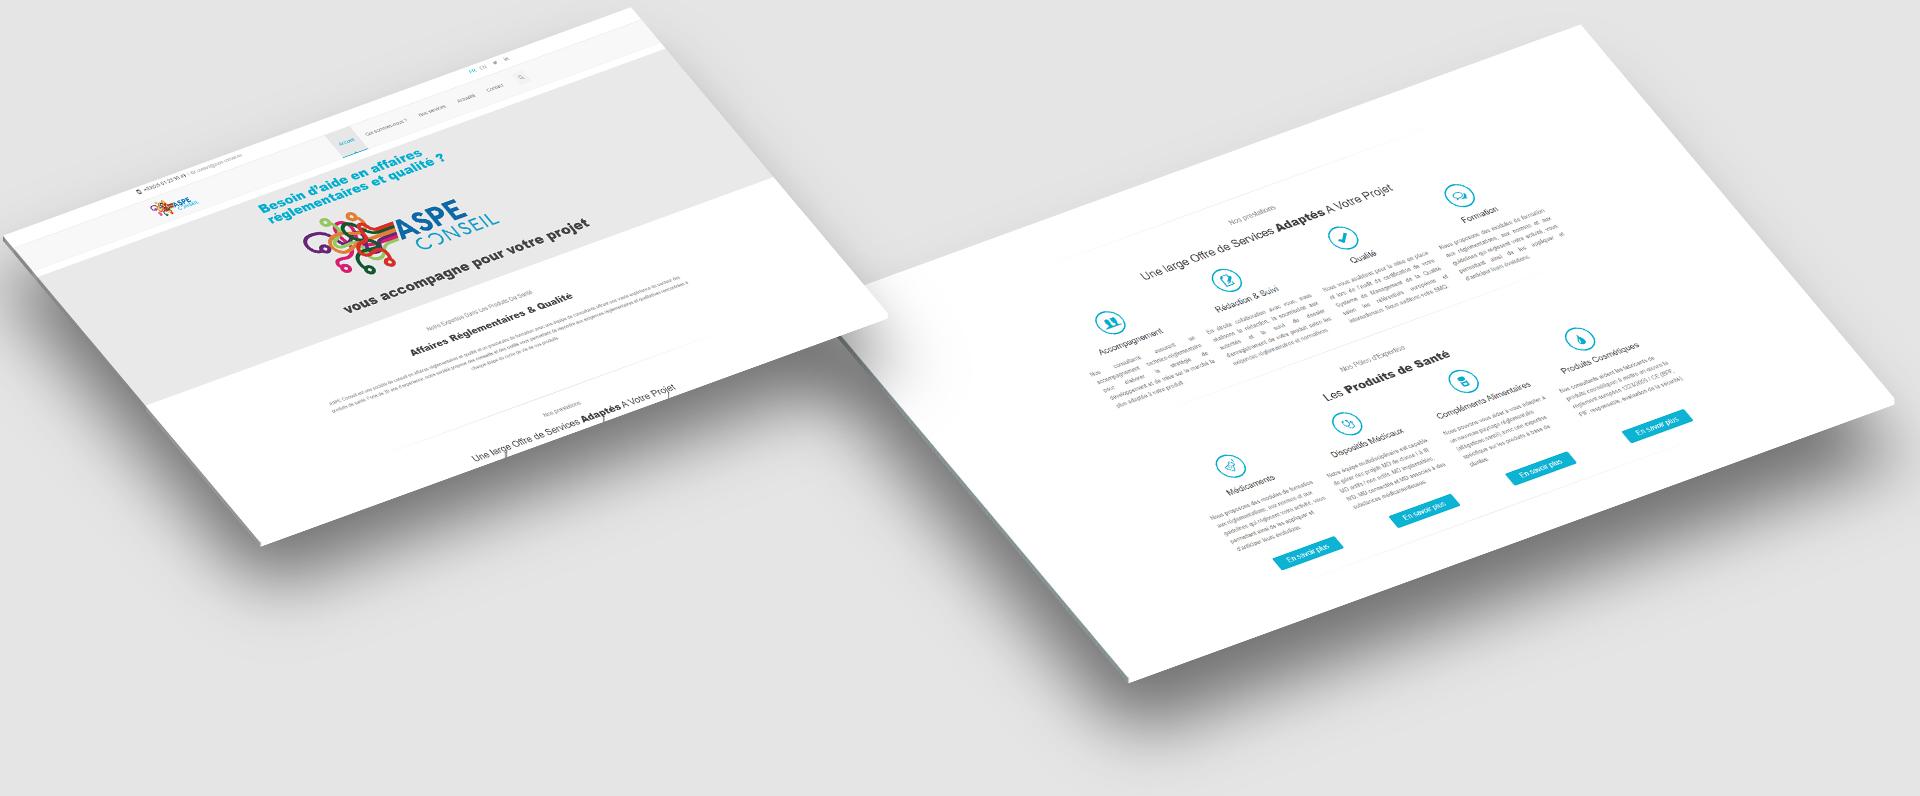 développement web wordpress